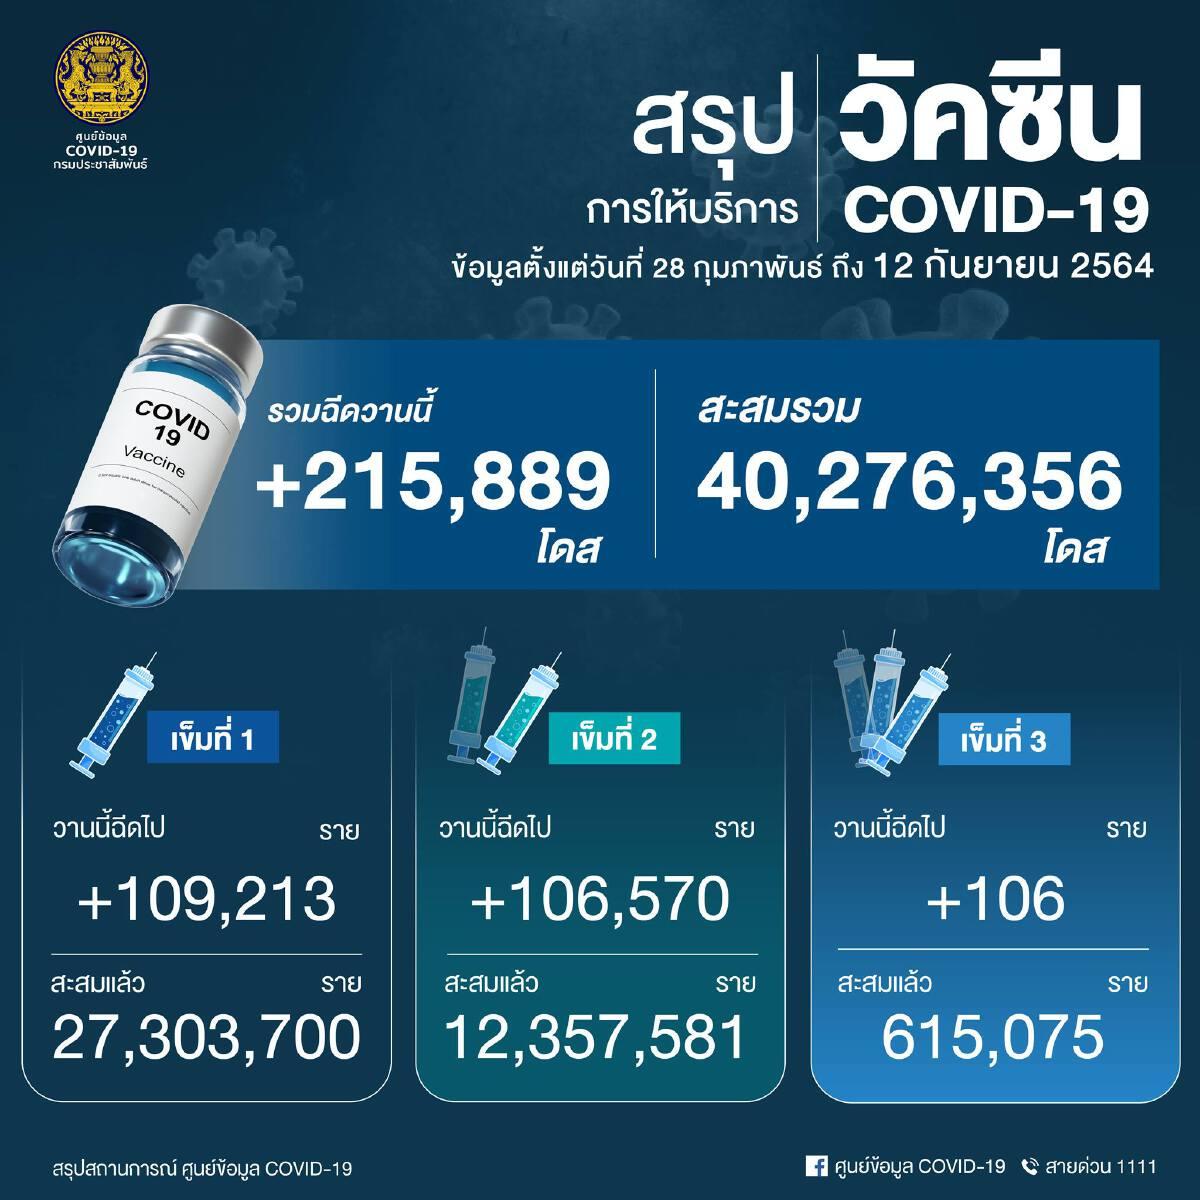 ด่วน! ยอด โควิด-19 วันนี้ ติดเชื้อเพิ่ม 11,786 ราย เสียชีวิต 136 ราย ATK อีก 783 ราย